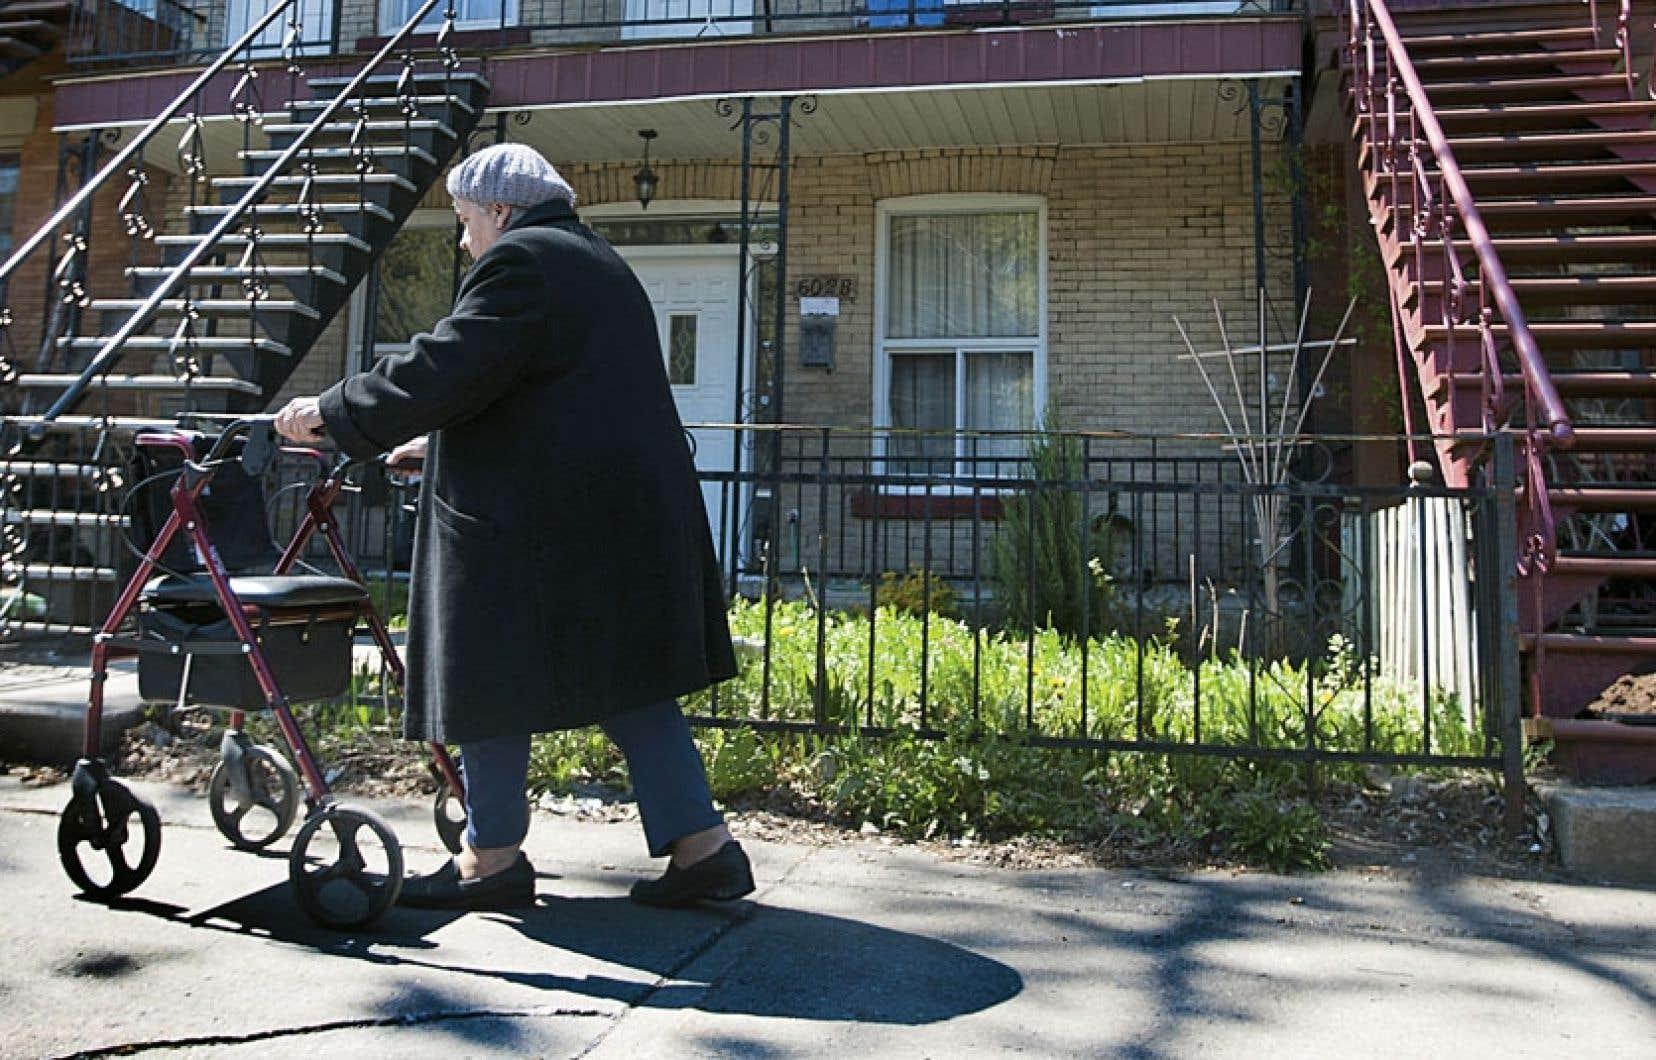 Avec le vieillissement de la population, de plus en plus de personnes deviennent proches aidants.